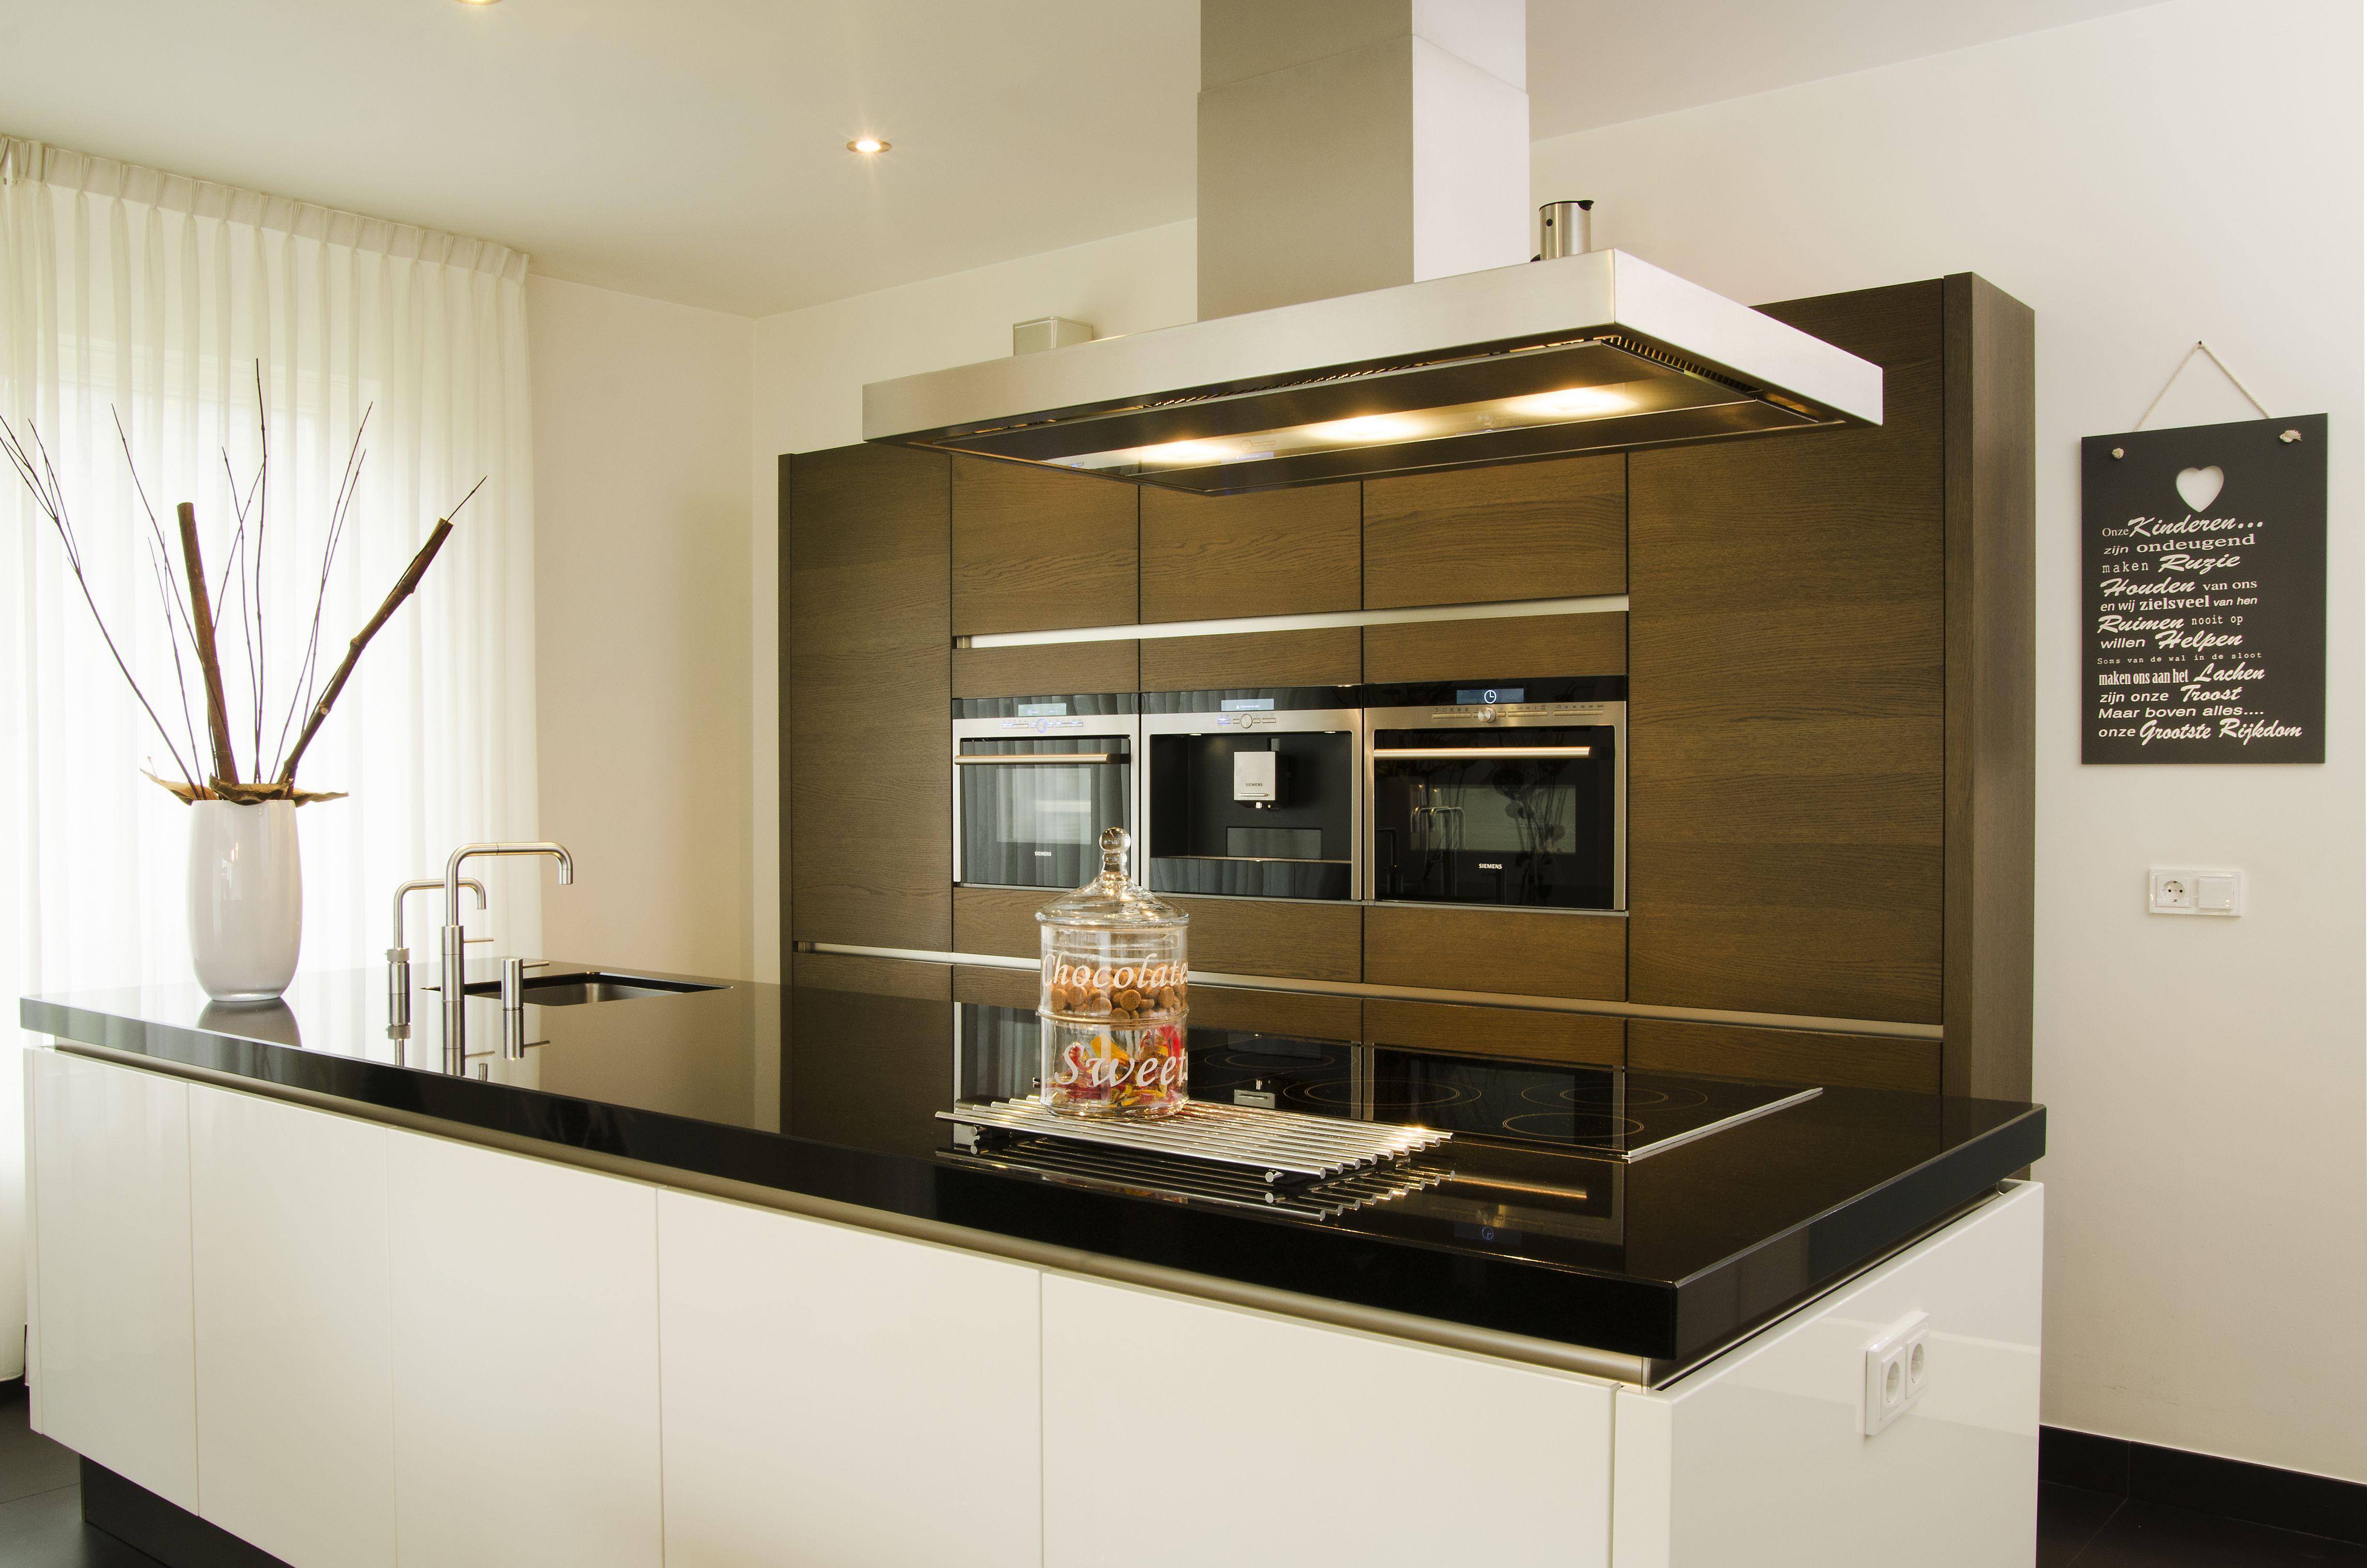 Hoogglans Witte Kookeiland : Kookeiland wit hoogglans free inspiratie huizen aangenaam bureau